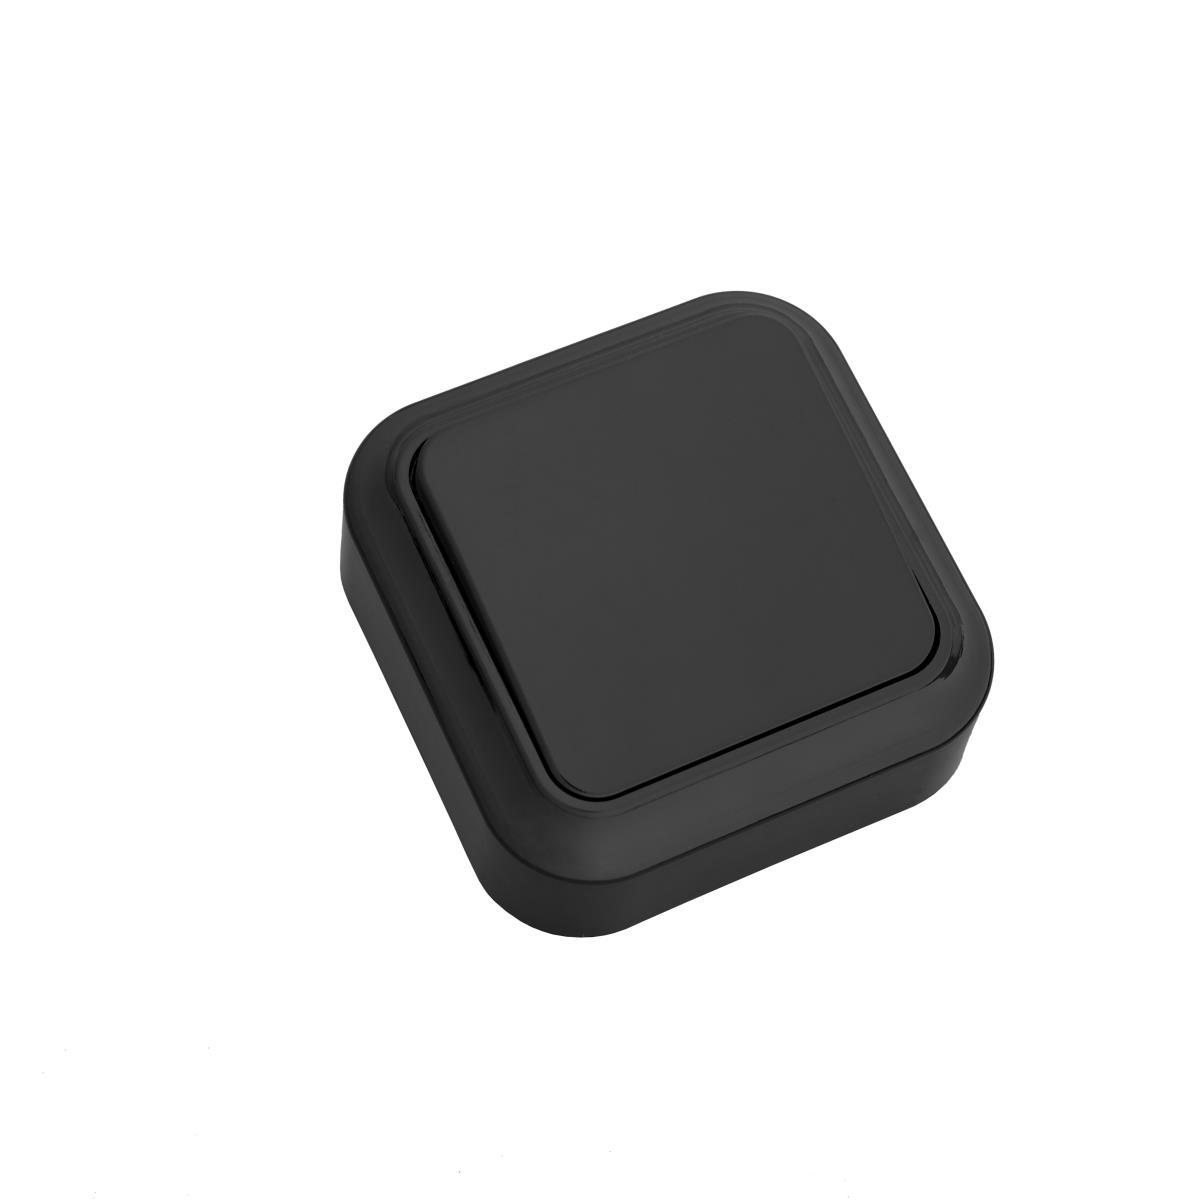 Lichtschalter Aufputz IP20 farbe schwarz, serie Praleska,Bylectrica,A16-131-B, 4810158068083